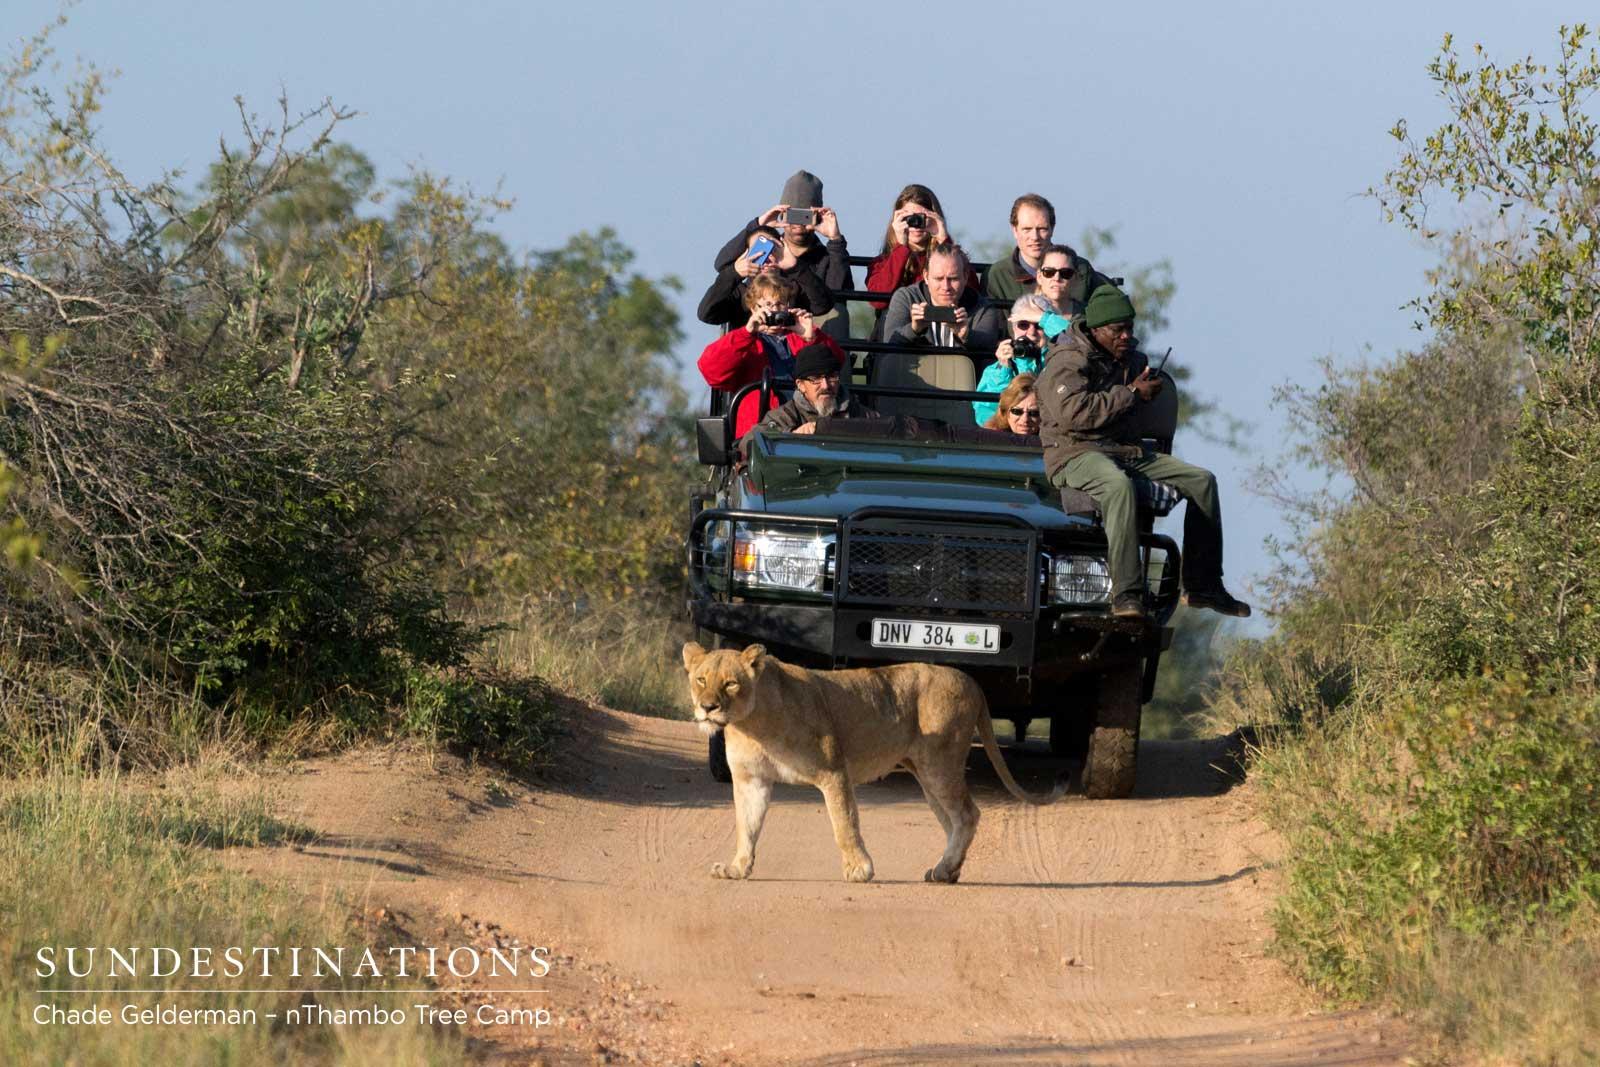 A Wild Life at nThambo Tree Camp